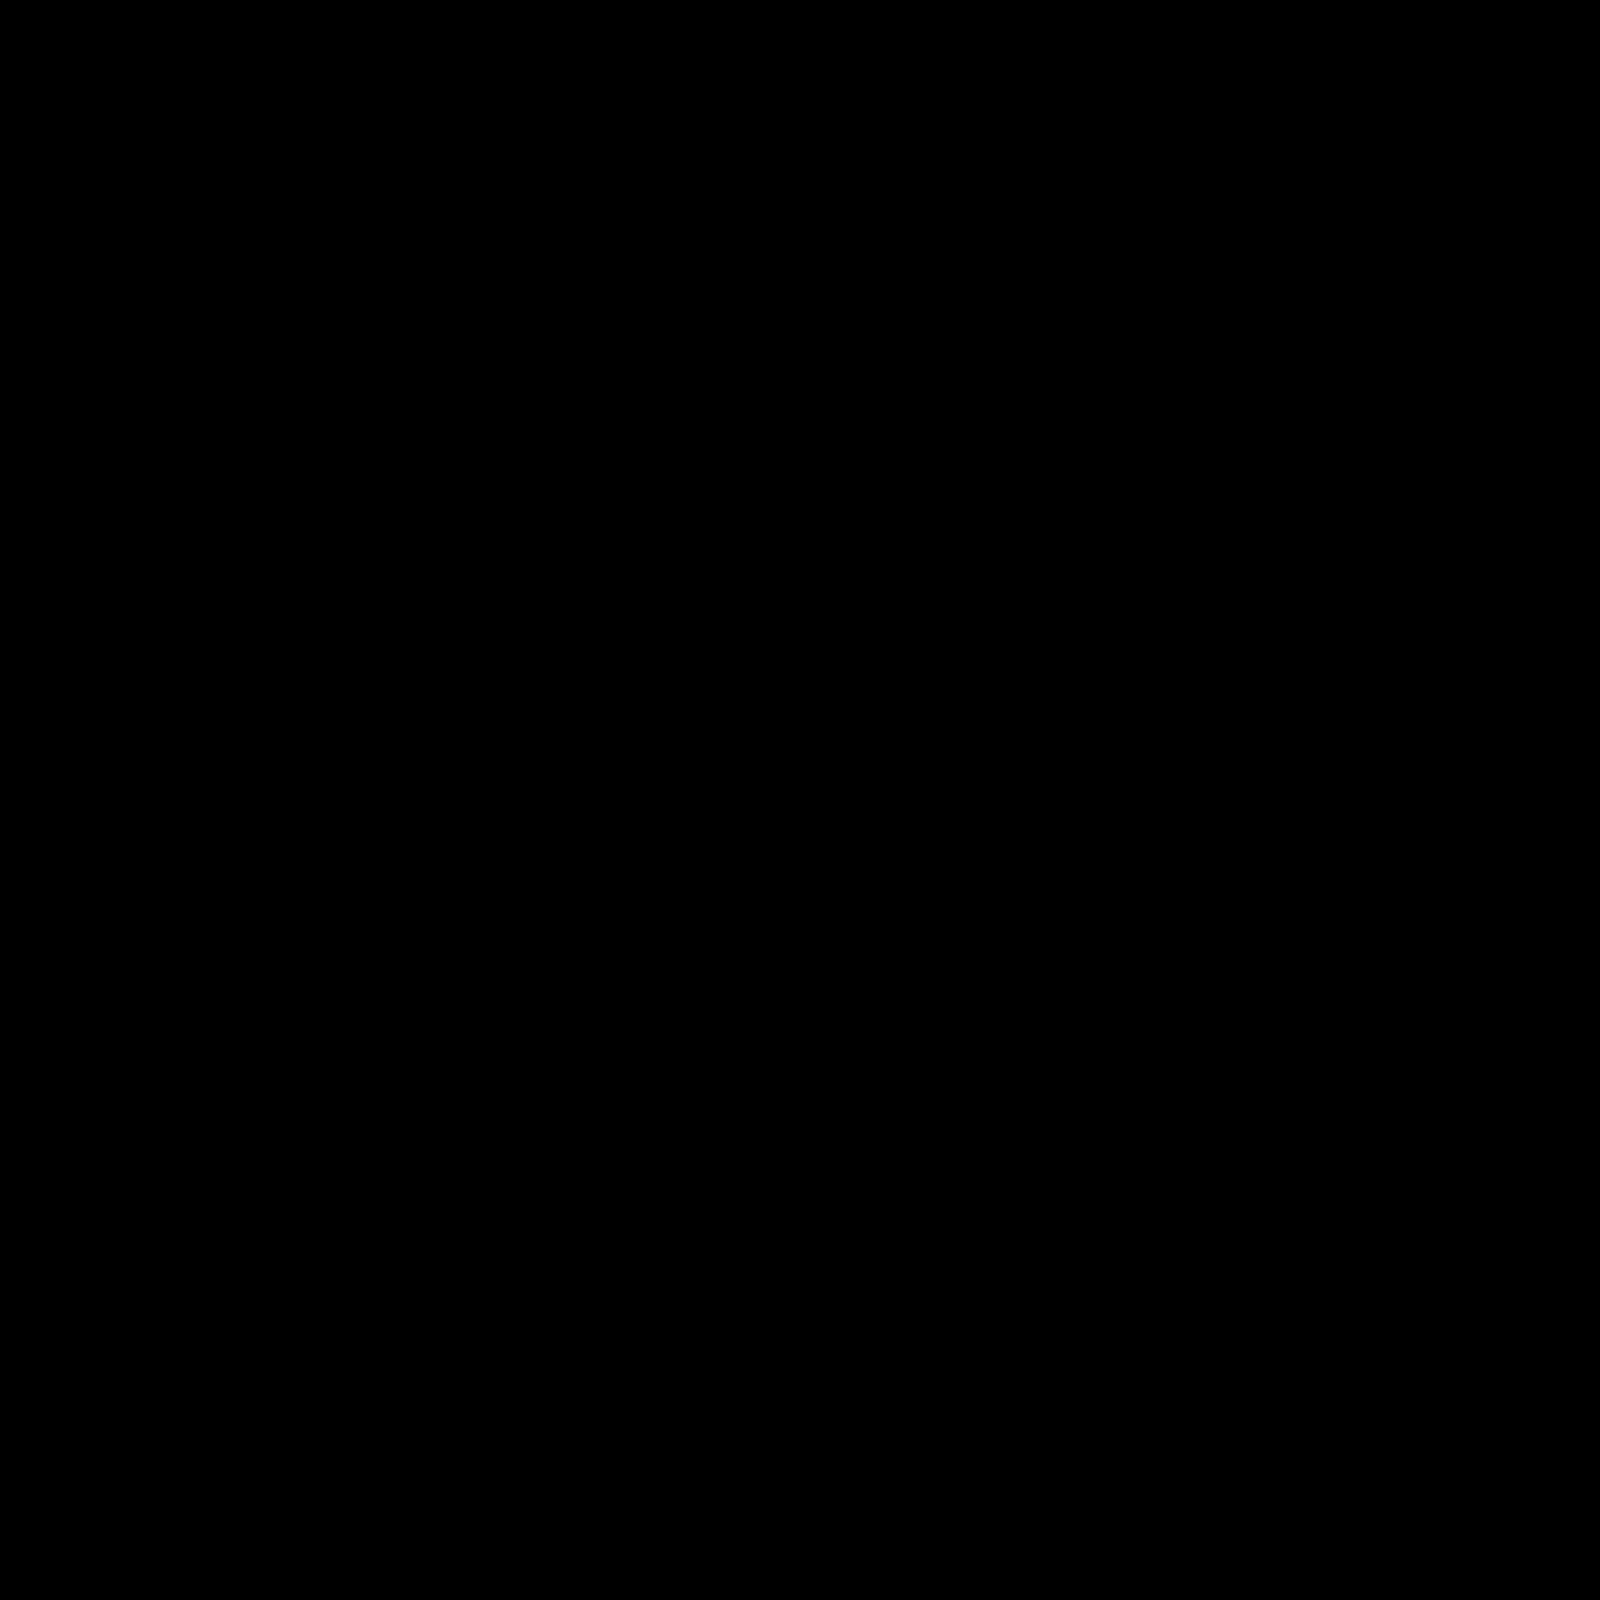 Иконка OpenID - скачать бесплатно в PNG и векторе 0a53219b89b